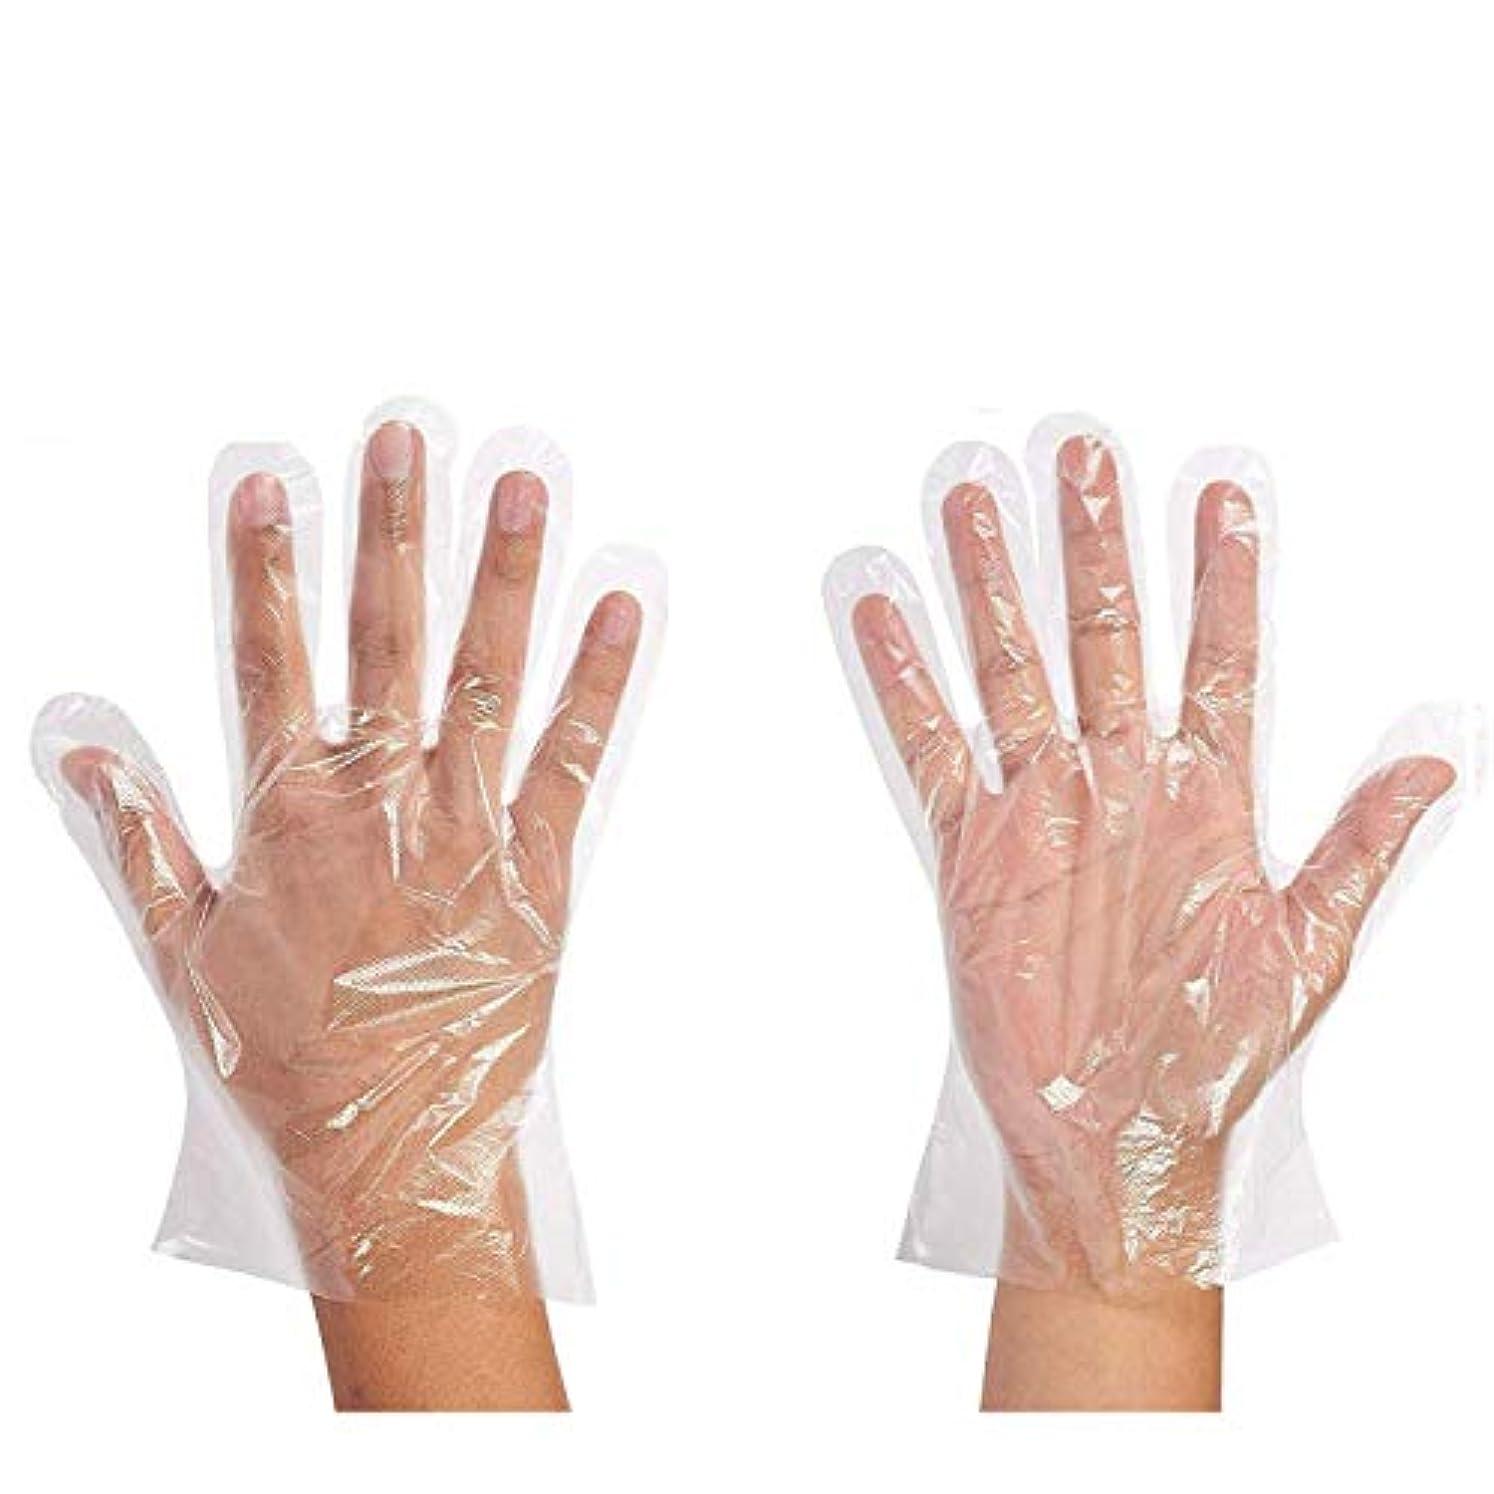 この地域キャンセル500枚セット使い捨て手袋 ポリエチレン 極薄ビニール手袋 実用 衛生 極薄手袋毛染めに 調理に お掃除に 透明